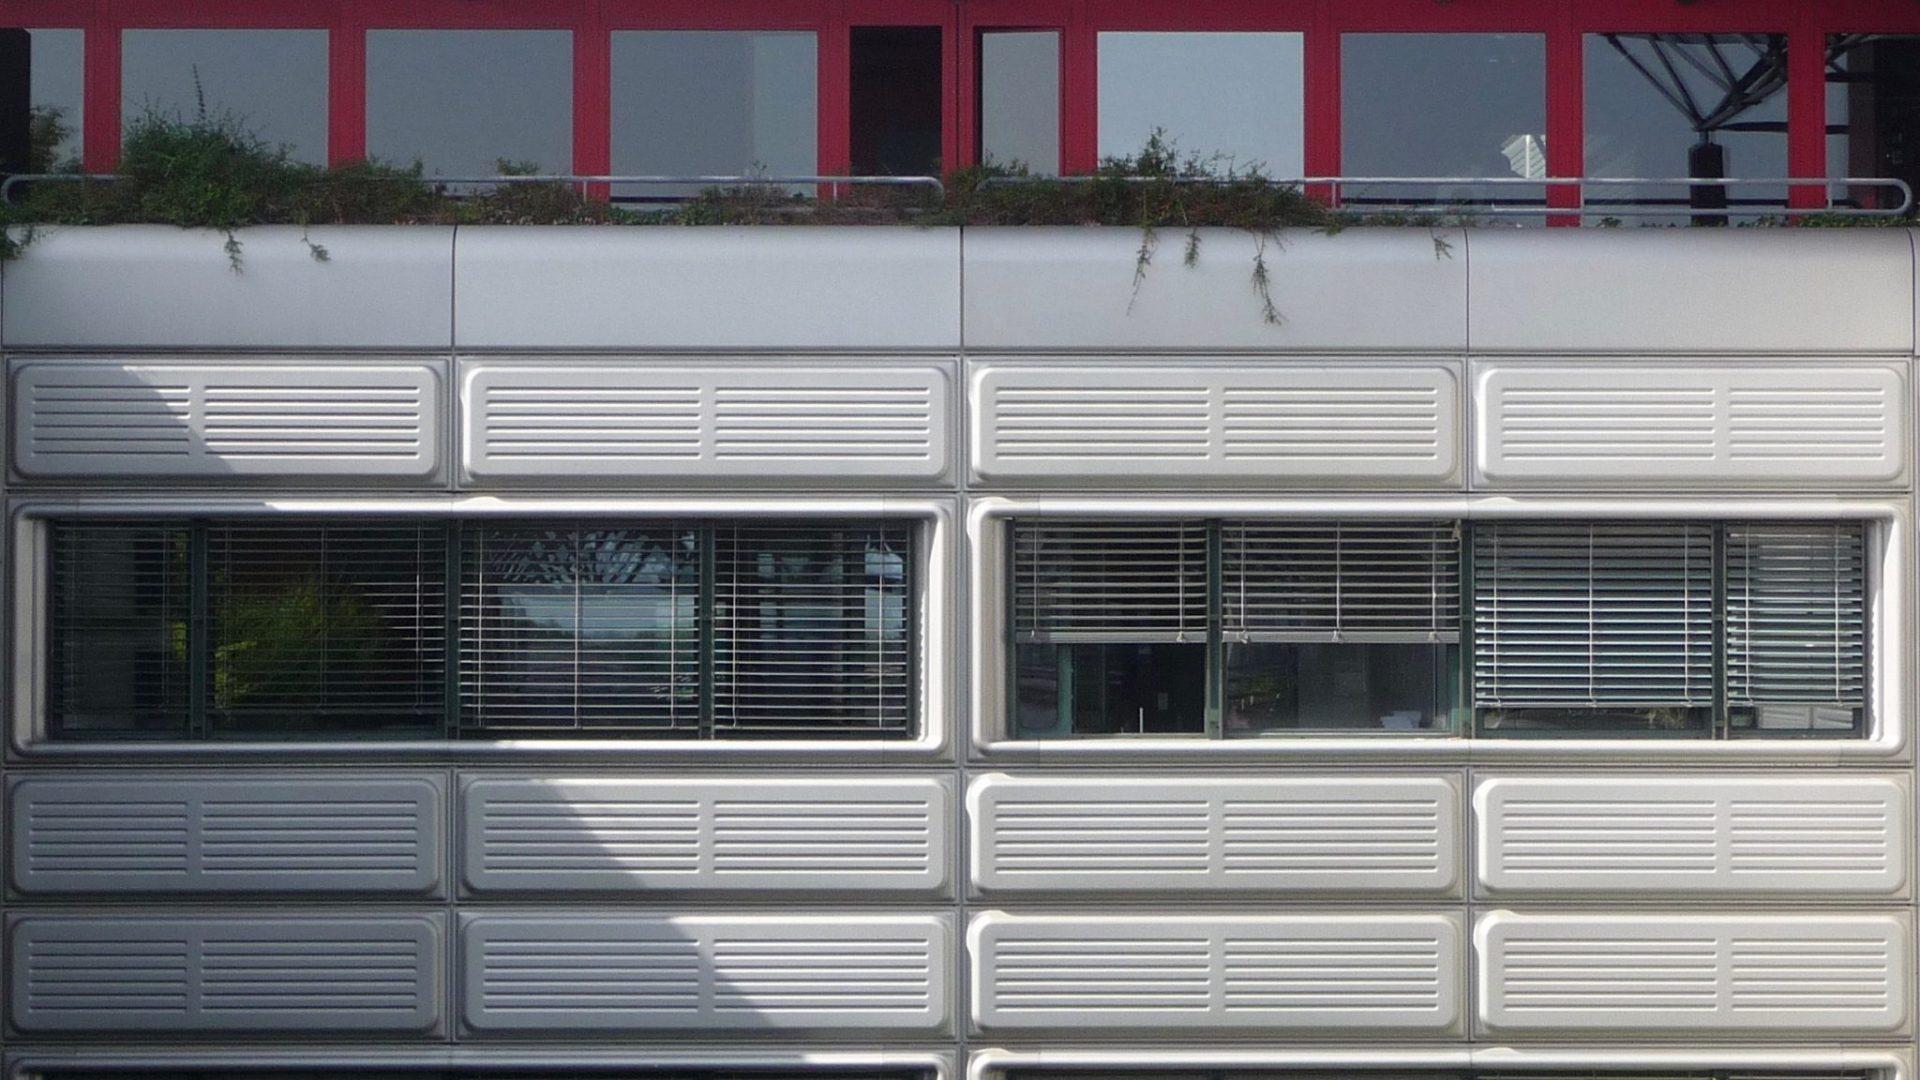 Vue d'une partie de la façade montrant au niveau inférieur quatre fenêtres disposées de manière symétrique entrecoupées verticalement de panneaux métalliques gris ; et au niveau supérieur la terrasse couverte d'un treillis bleu triangulaire et une façade rouge en retrait.